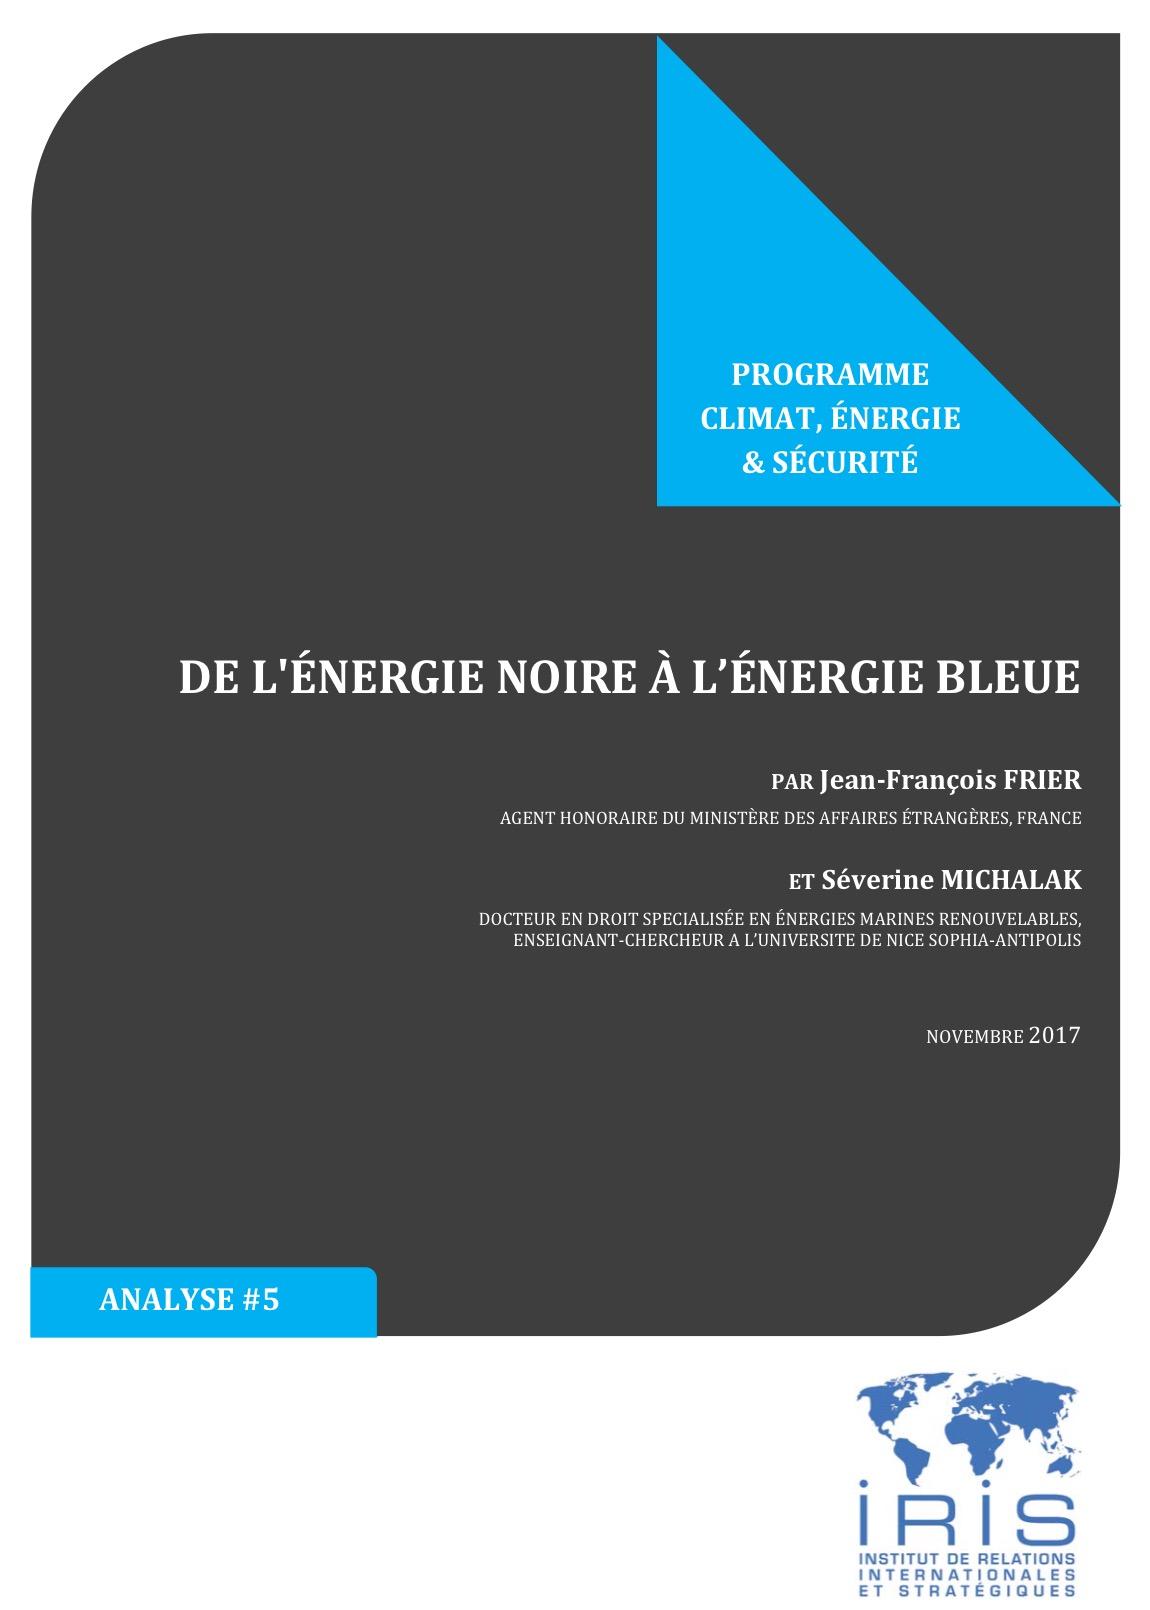 De l'énergie noire à l'énergie bleue_Jean-François Frier_Séverine Michalak